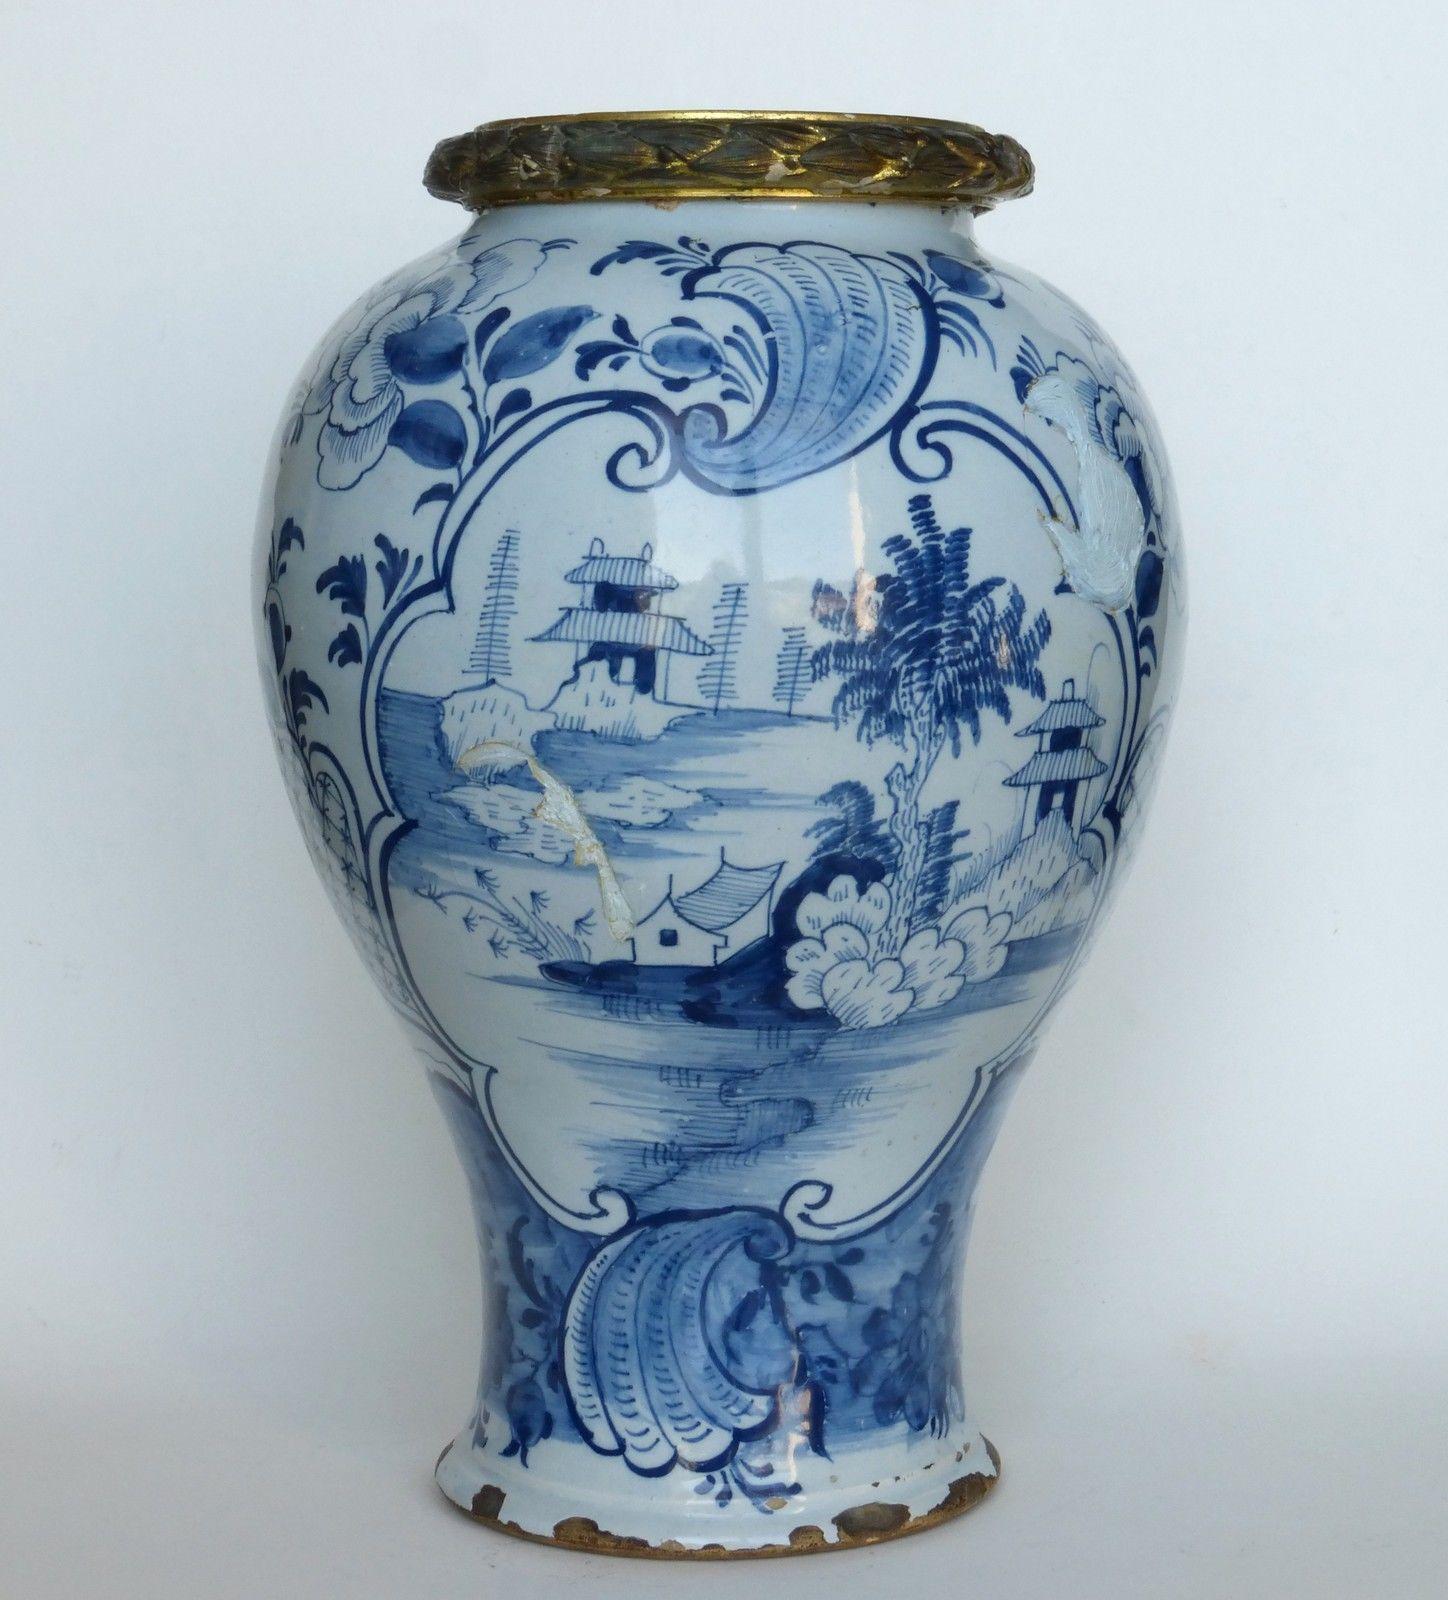 grand vase balustre blanc bleu fa ence delft 18 me si cle ce grand vase balustre d 39 poque. Black Bedroom Furniture Sets. Home Design Ideas